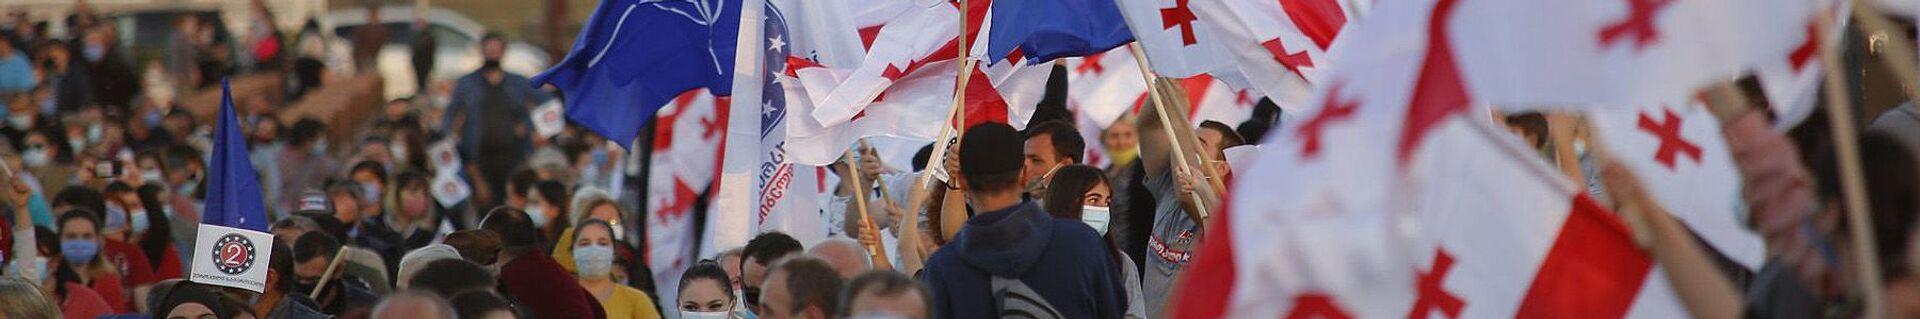 Предвыборная агитация. Европейская Грузия проводит встречи с избирателями. Флаги Грузии и НАТО - Sputnik Грузия, 1920